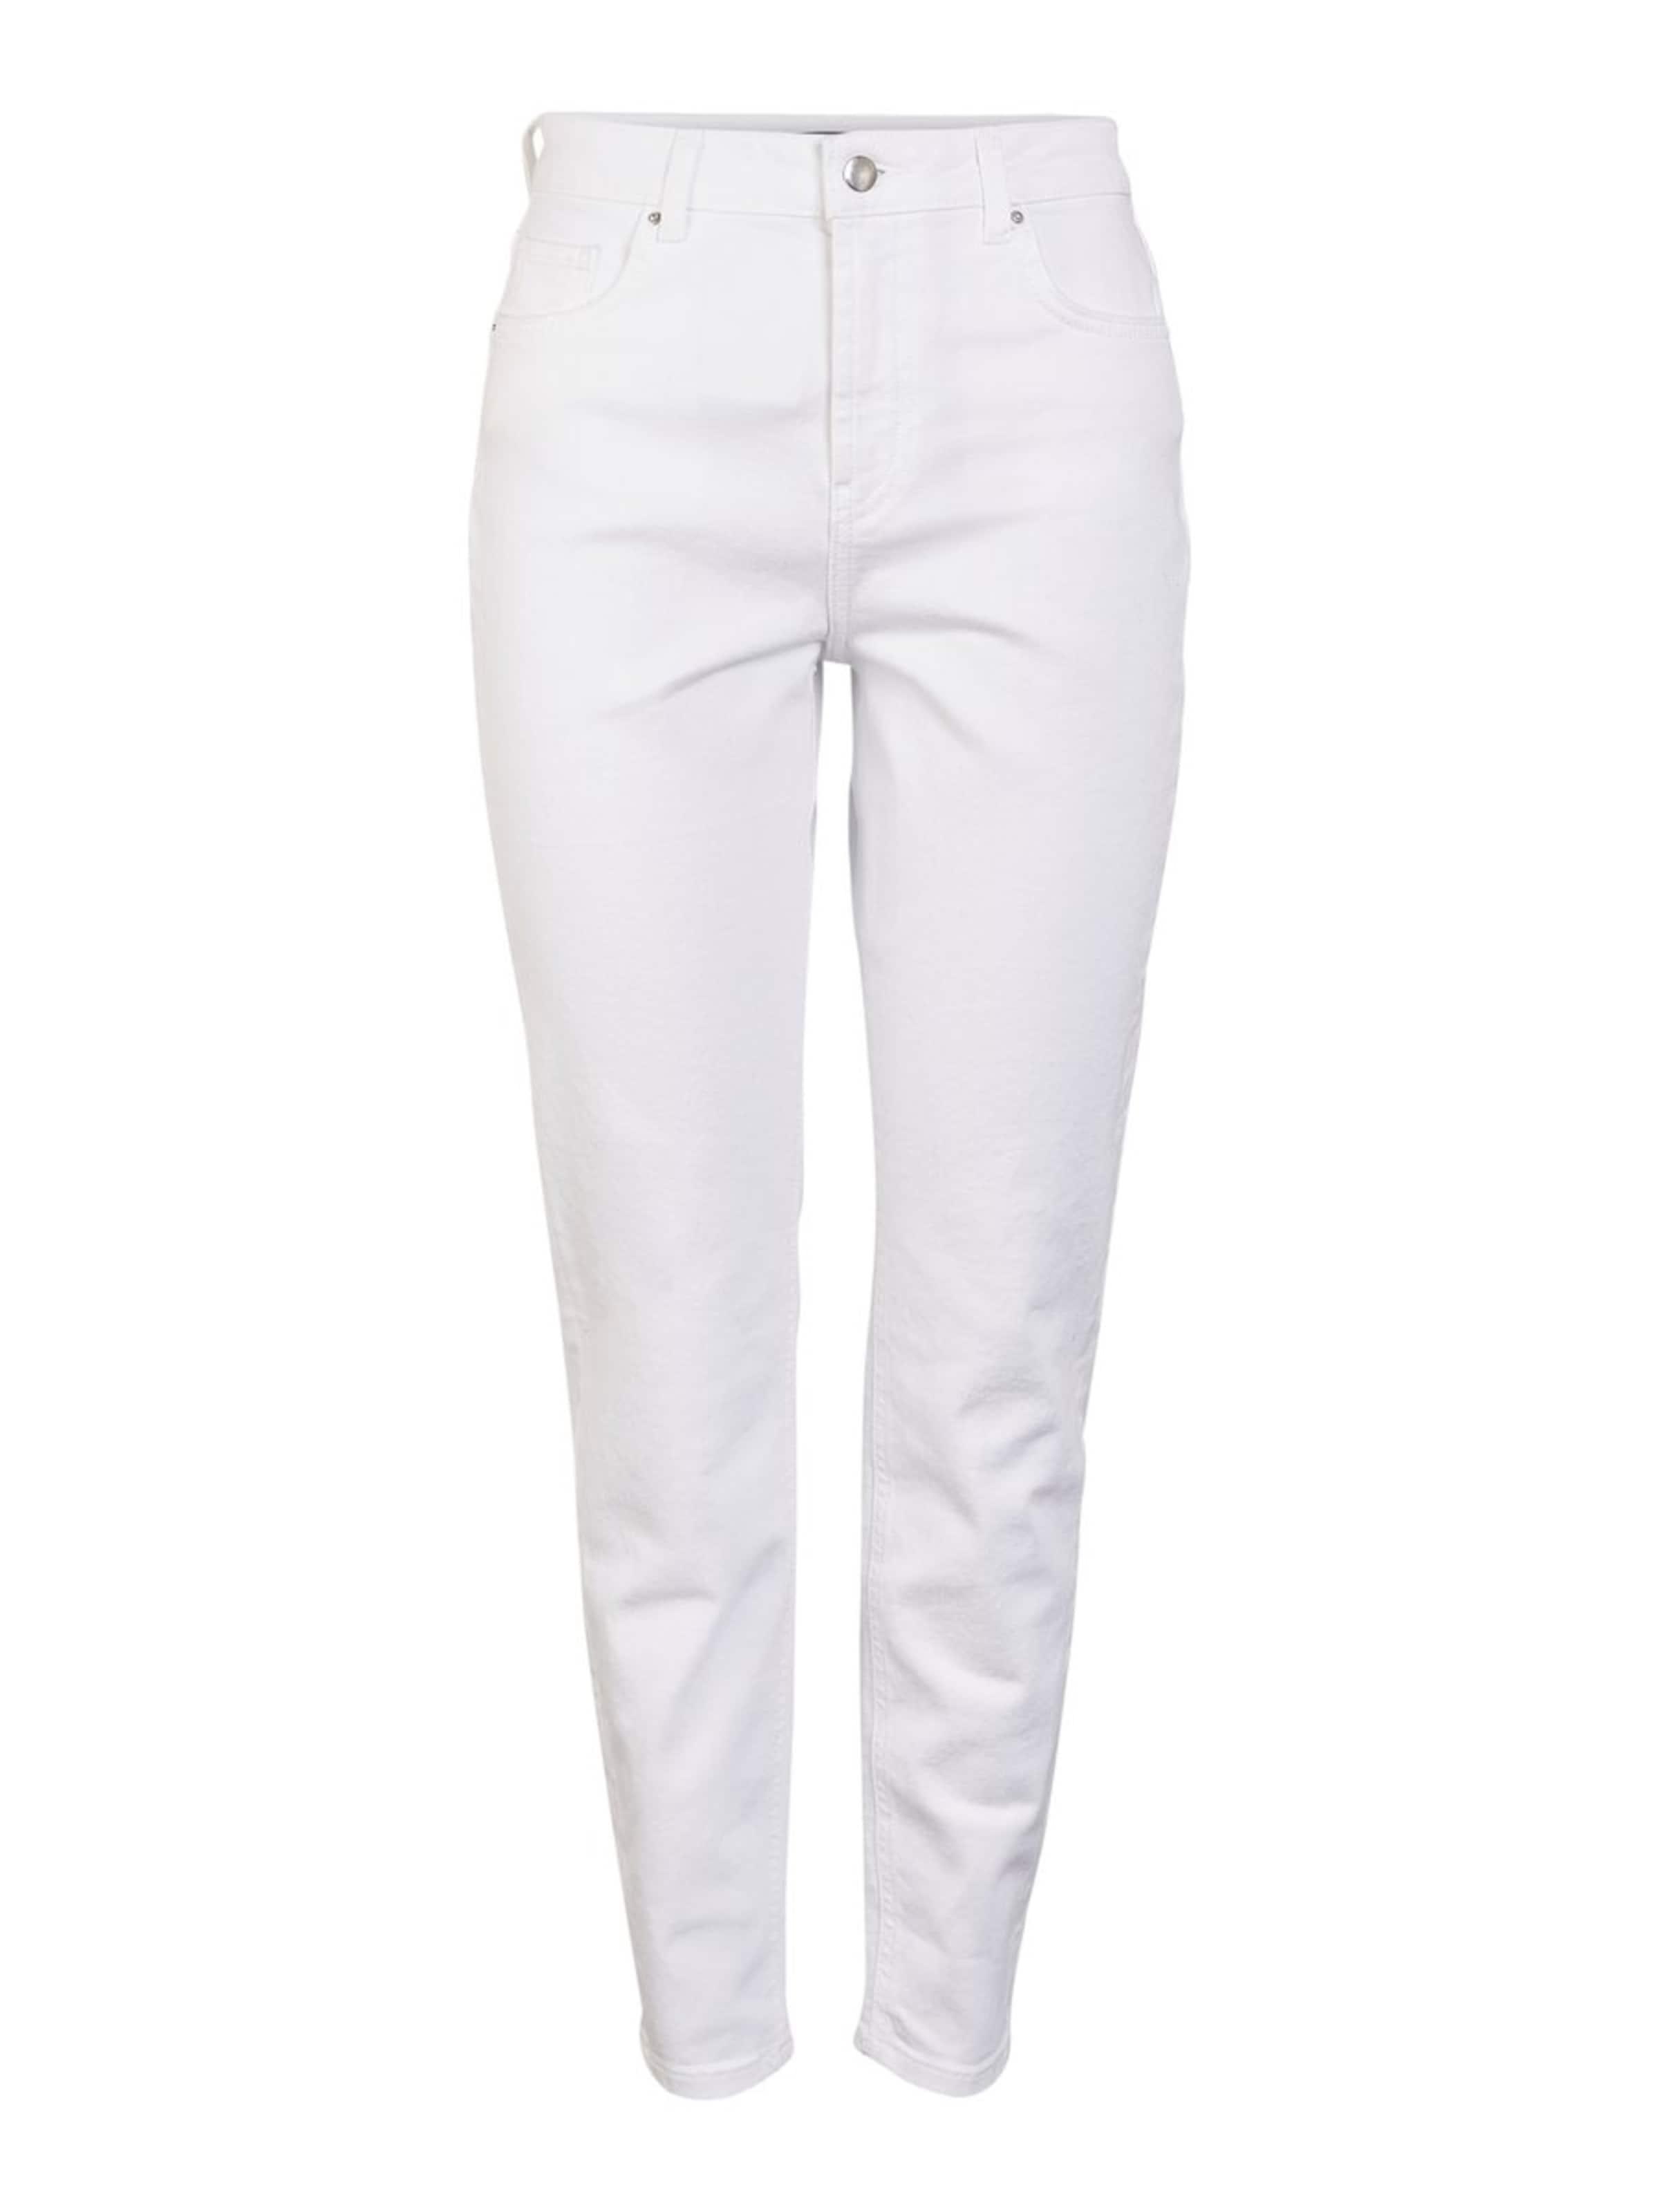 Blanc Jean Pieces Blanc En Pieces Jean Pieces En Jean 8wOvmN0n